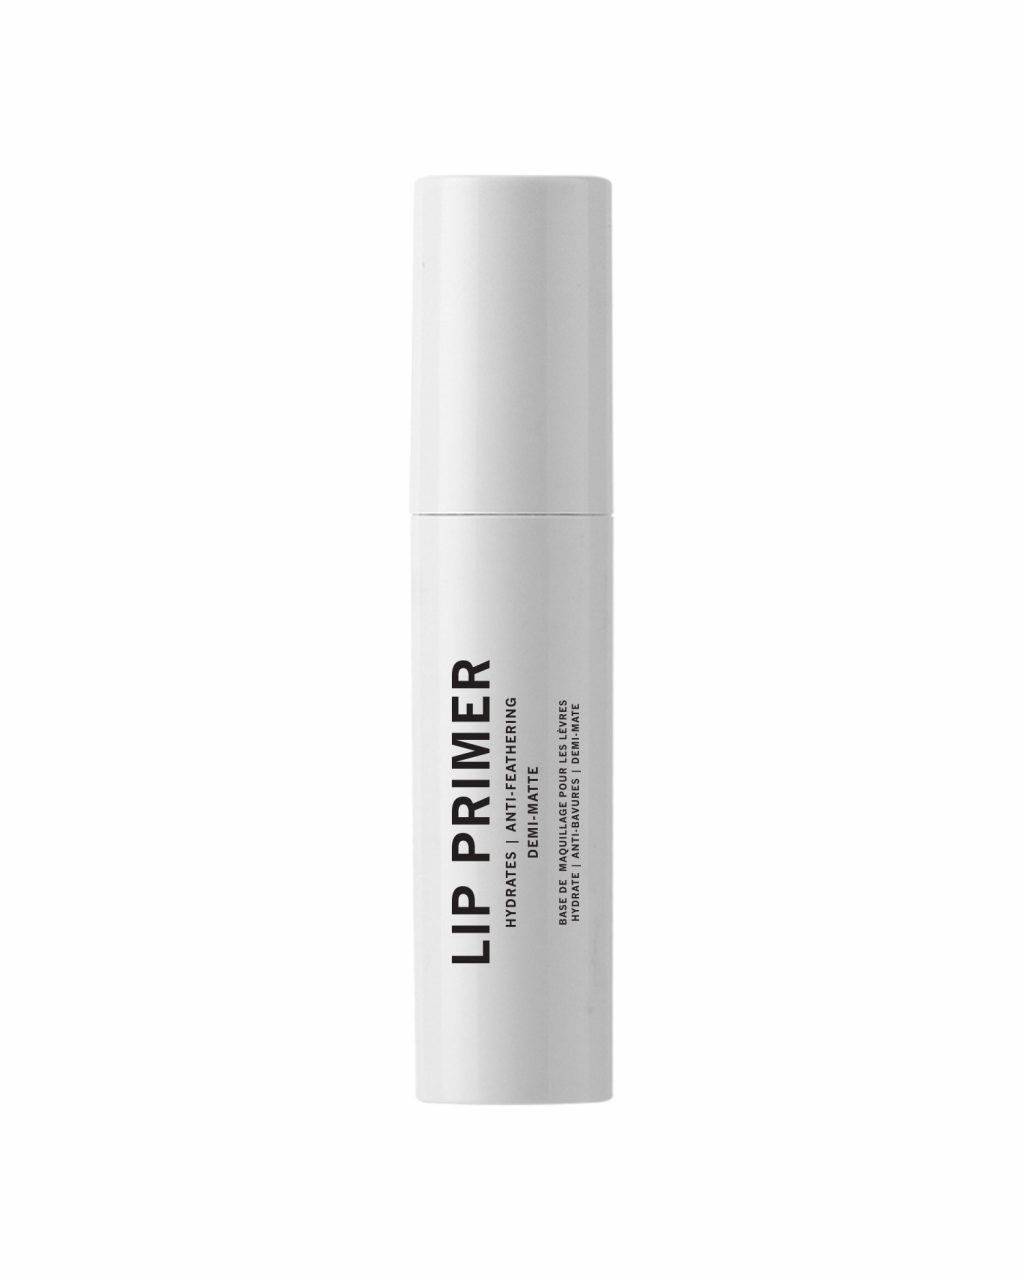 Bạn nên dùng son lót trước khi đánh son lì, Lip Primer của Heir Atelier là sản phẩm bạn có thể tham khảo.